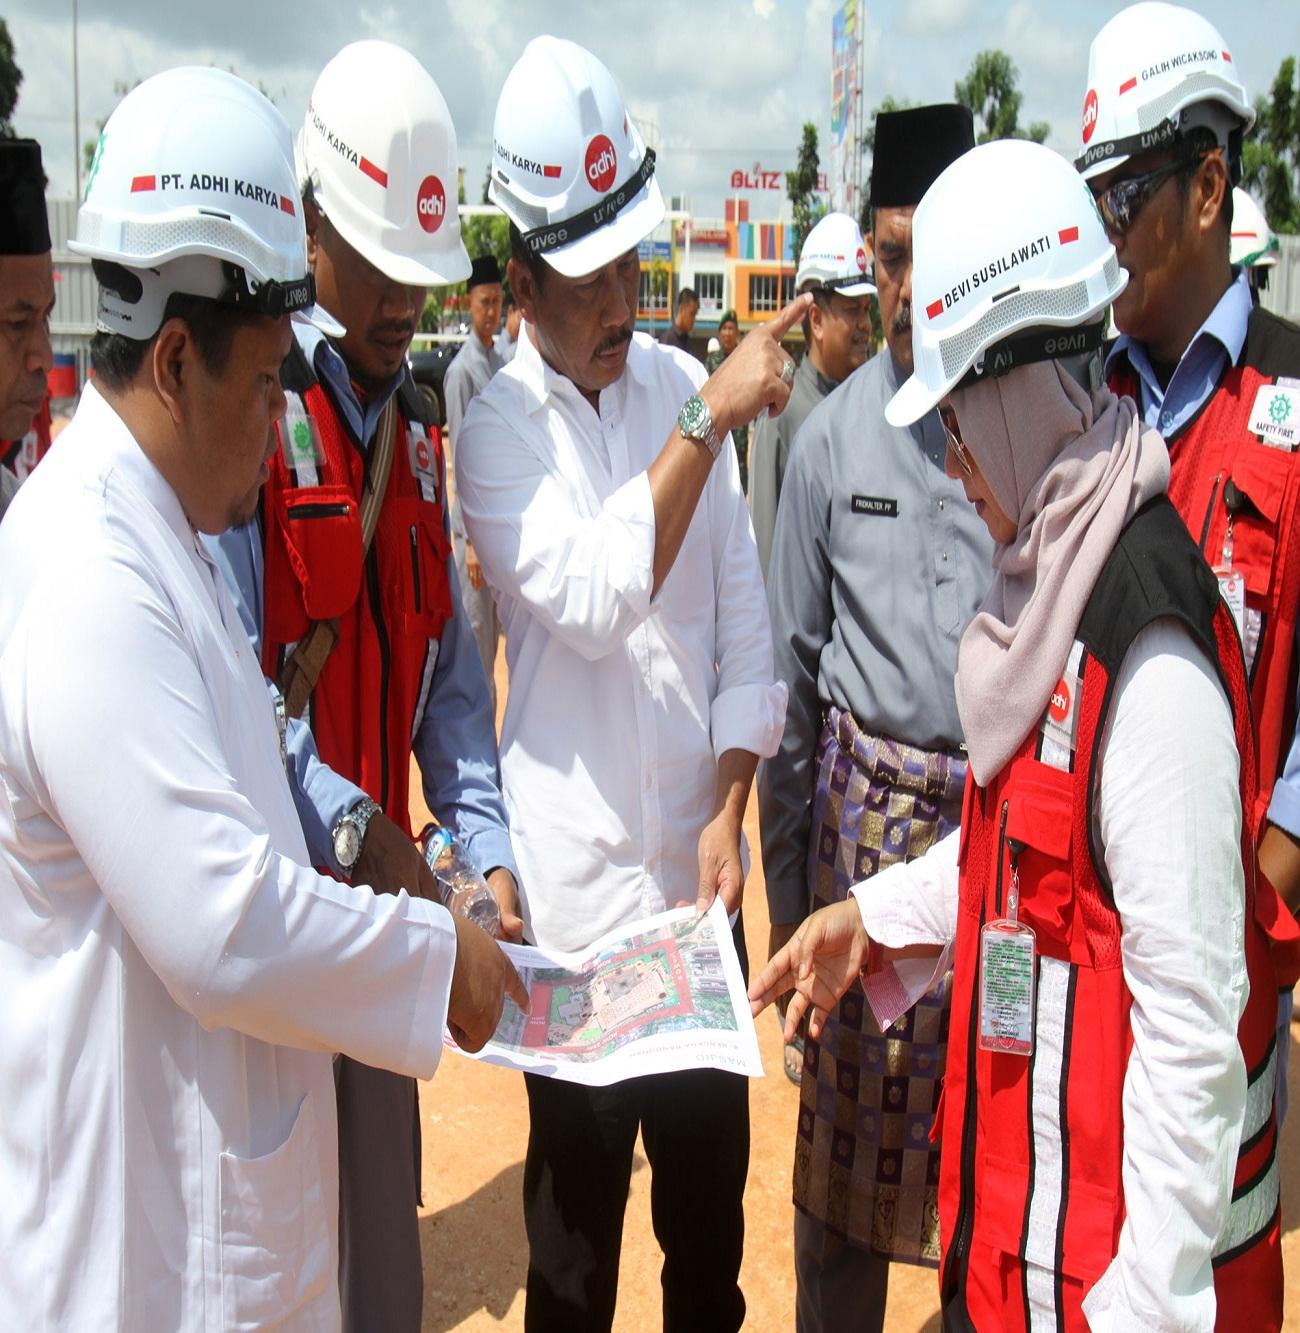 Walikota Batam H M Rudi saat meninjau Pembagunan Masjid Agung di Batuaji.